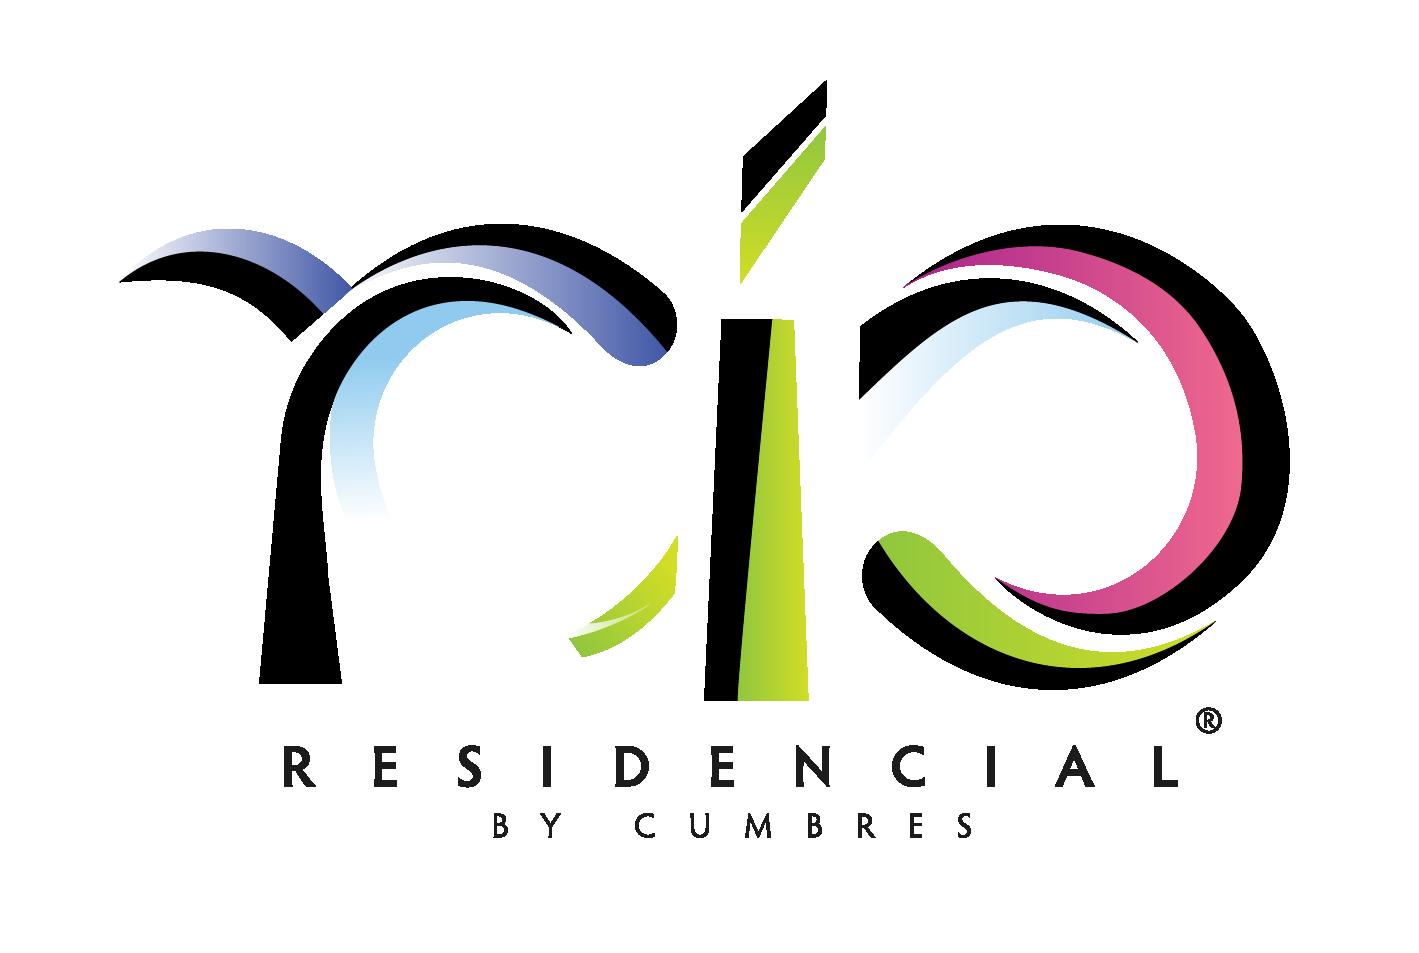 Rio Residencial